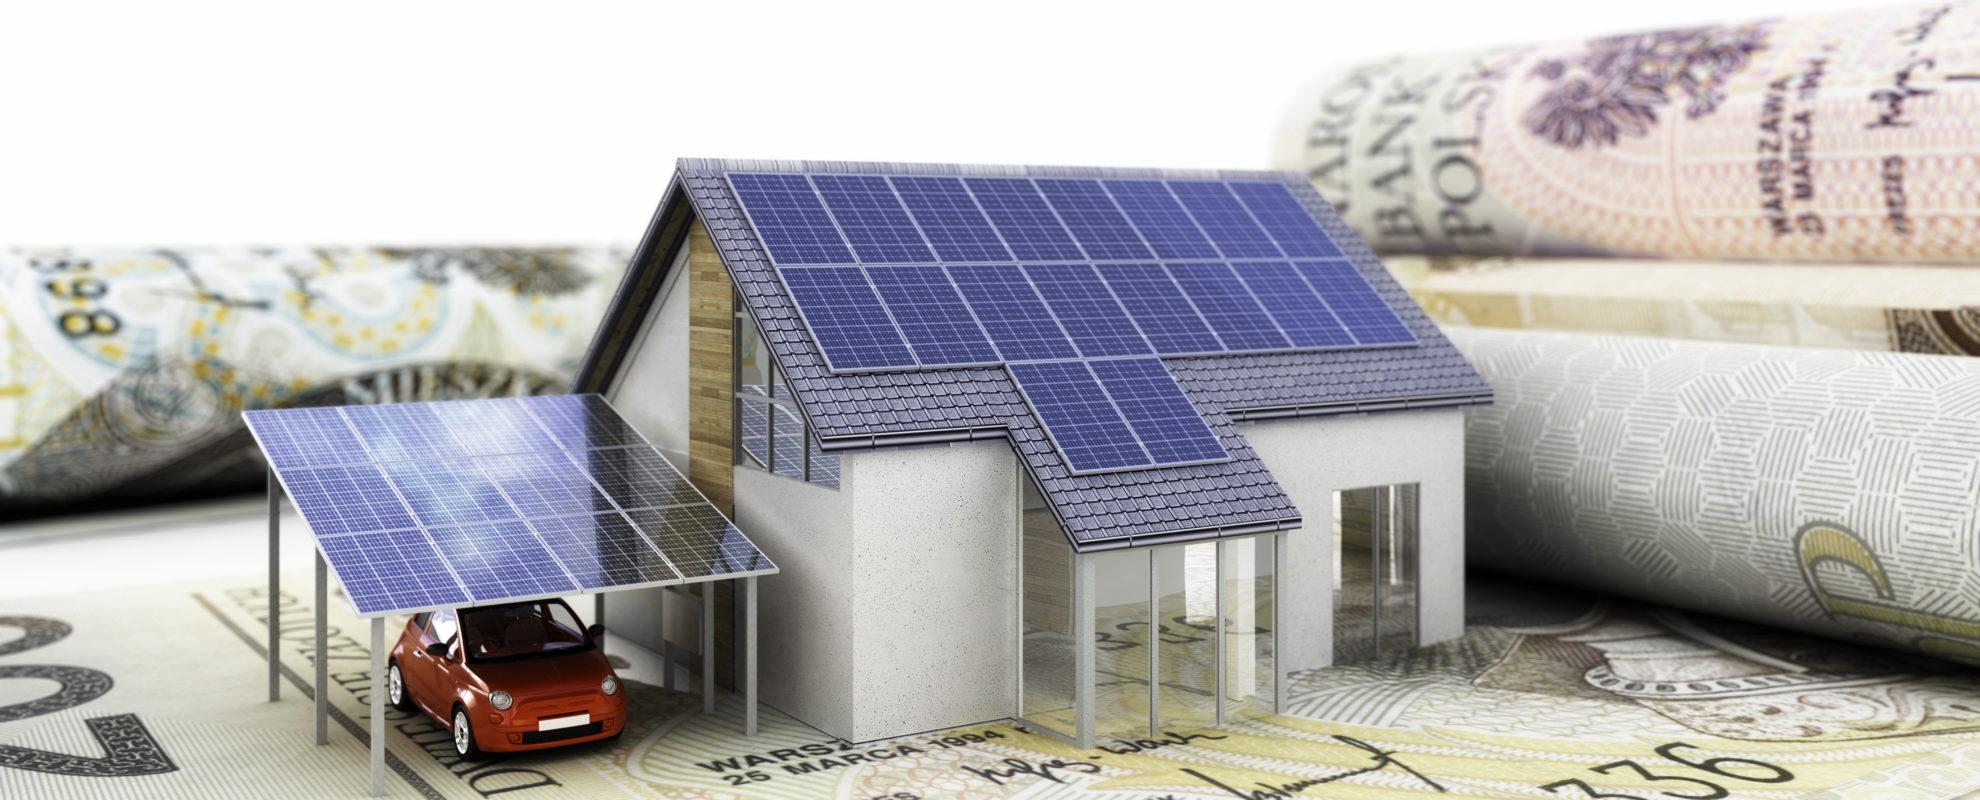 Czy będzie wsparcie dla przydomowych magazynów energii elektrycznej?